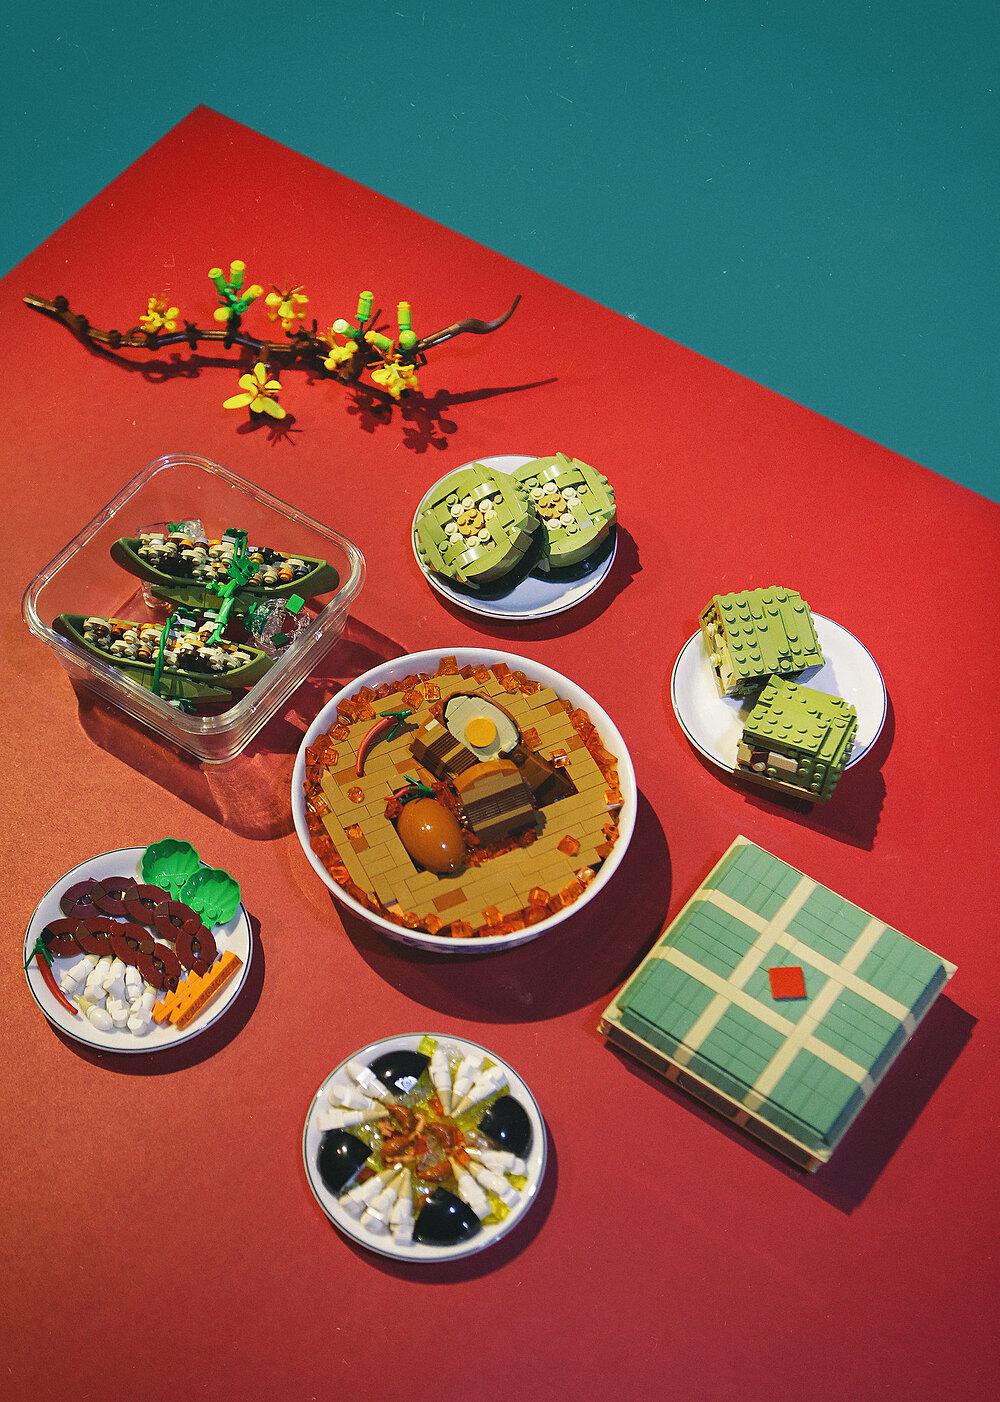 Những món ăn ngày Tết bằng Lego của Huỳnh Cao Vũ Khang. Ảnh: Nhân vật cung cấp.